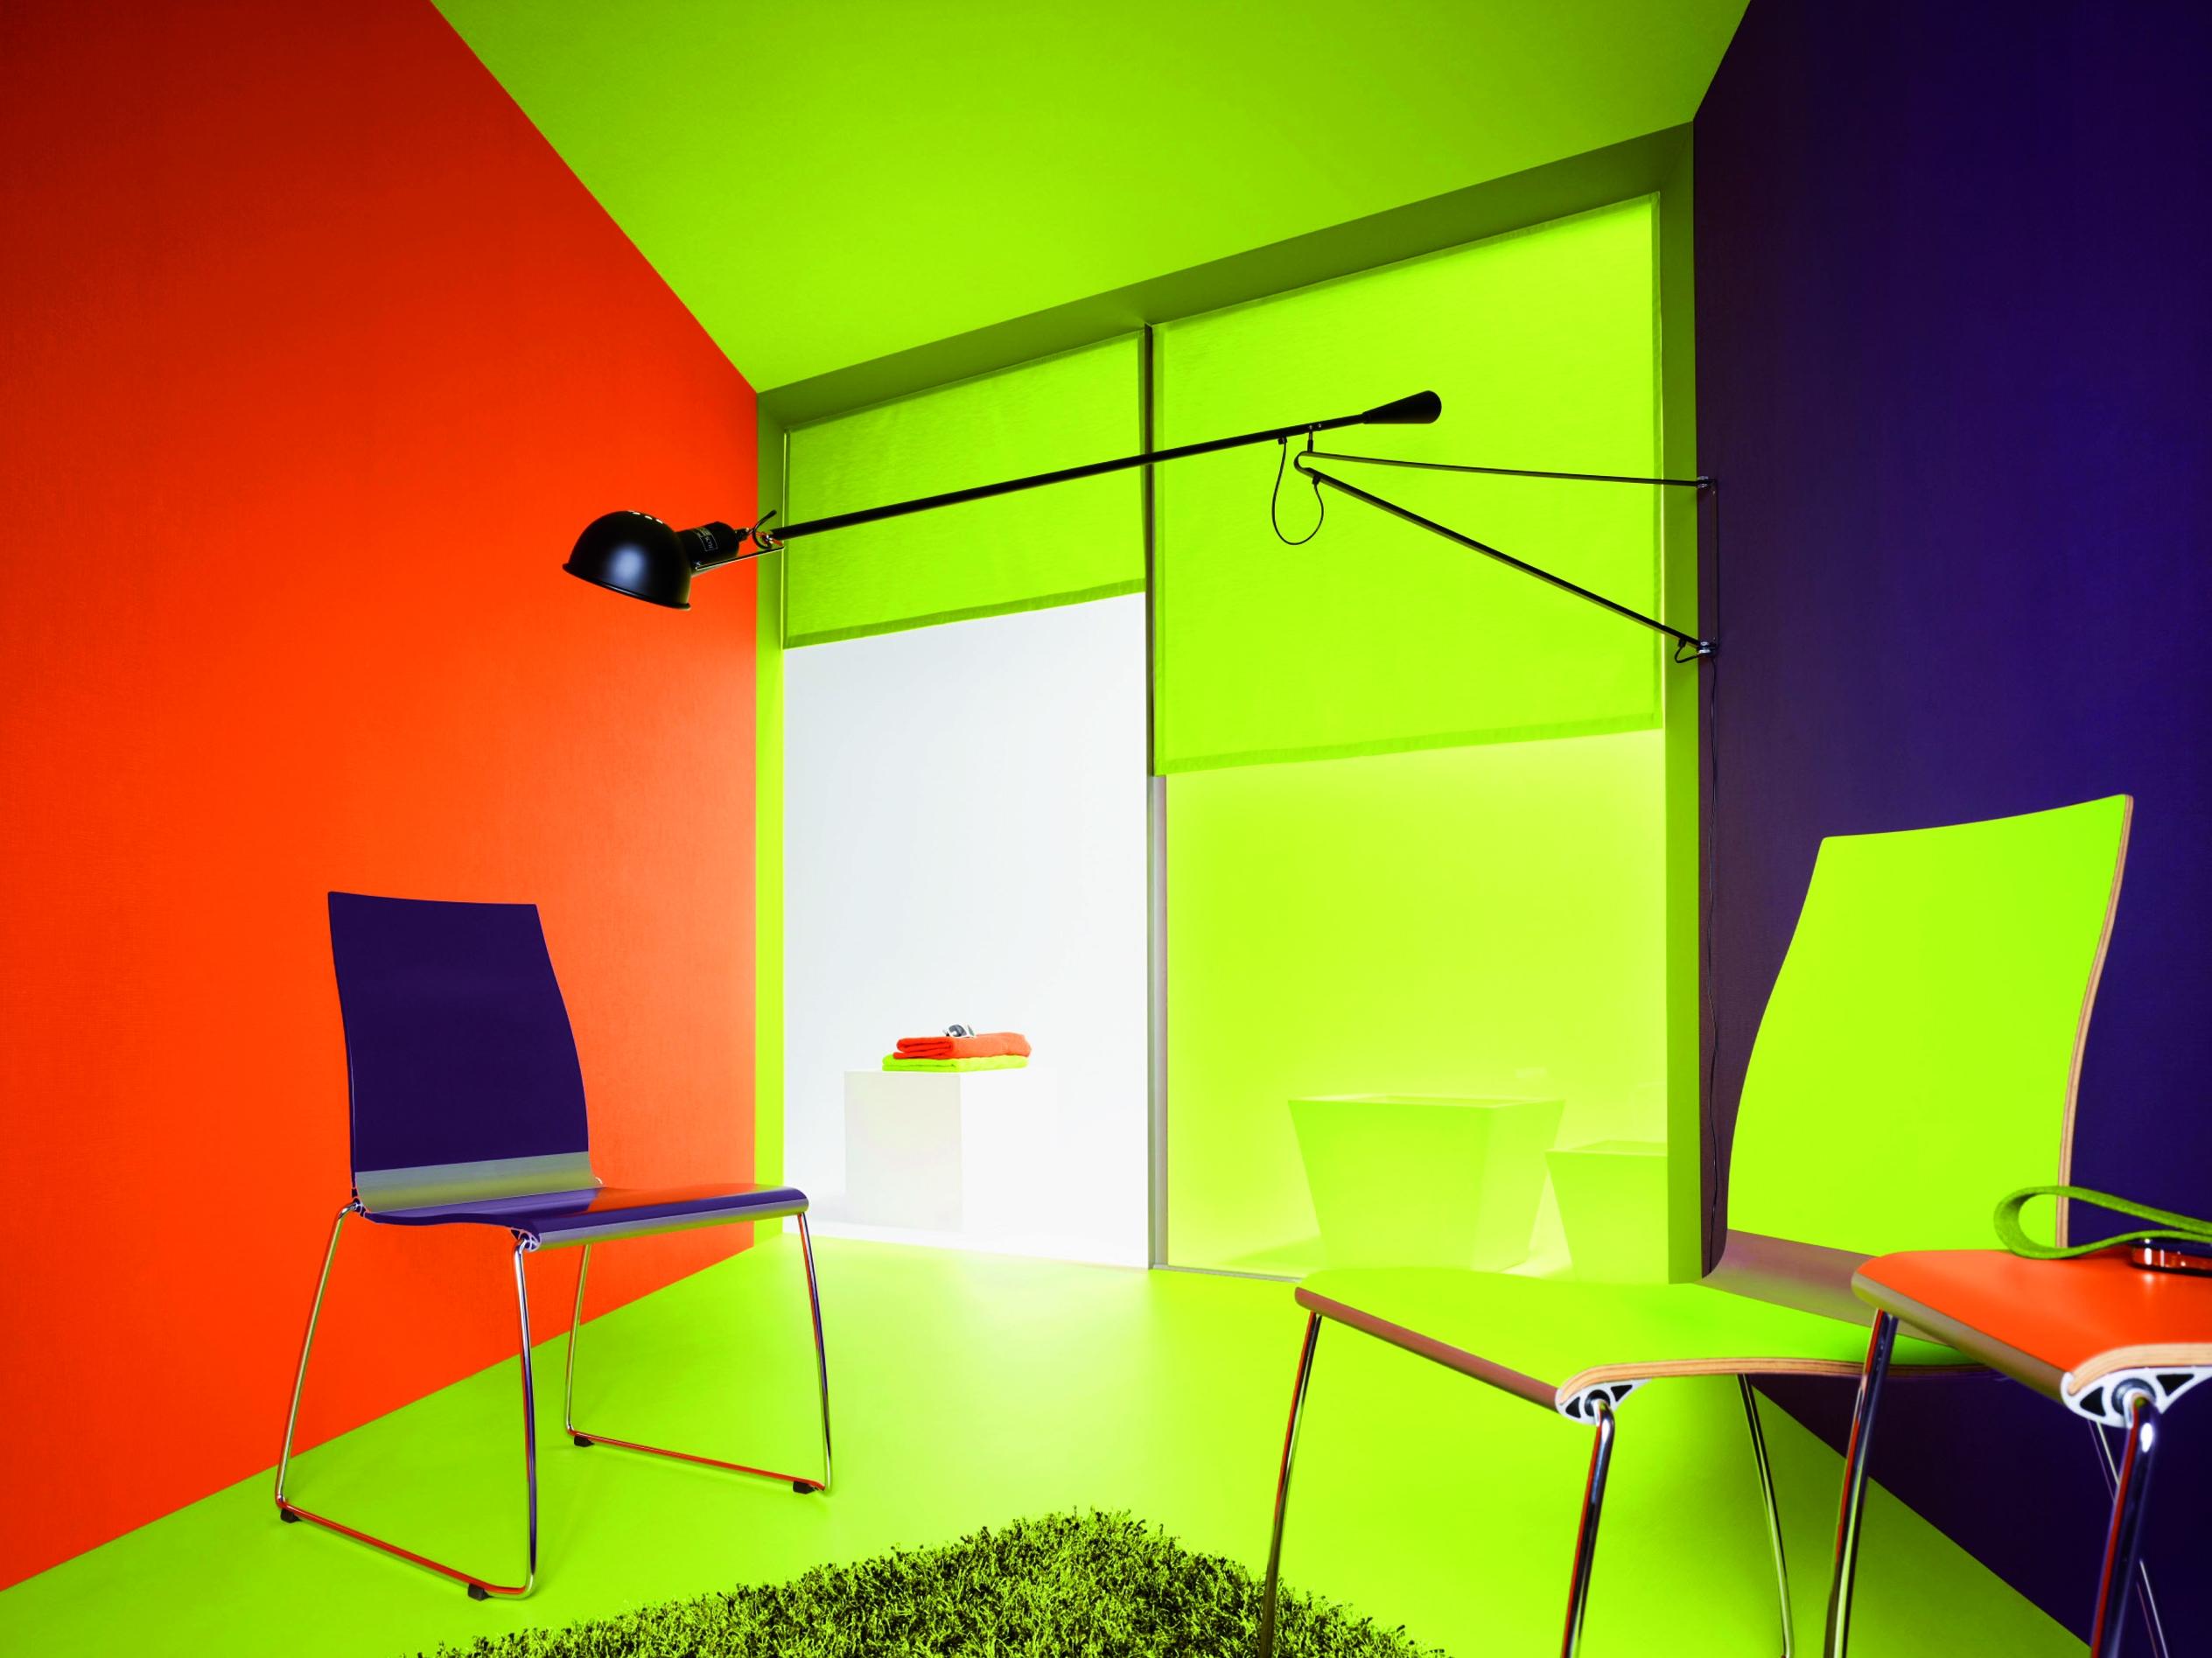 Erstaunlich ▷ Tapeten Trends 2011 / Mutige Kombinationen In Farben, Formen Und Haptik  (mit Bild) | Presseportal